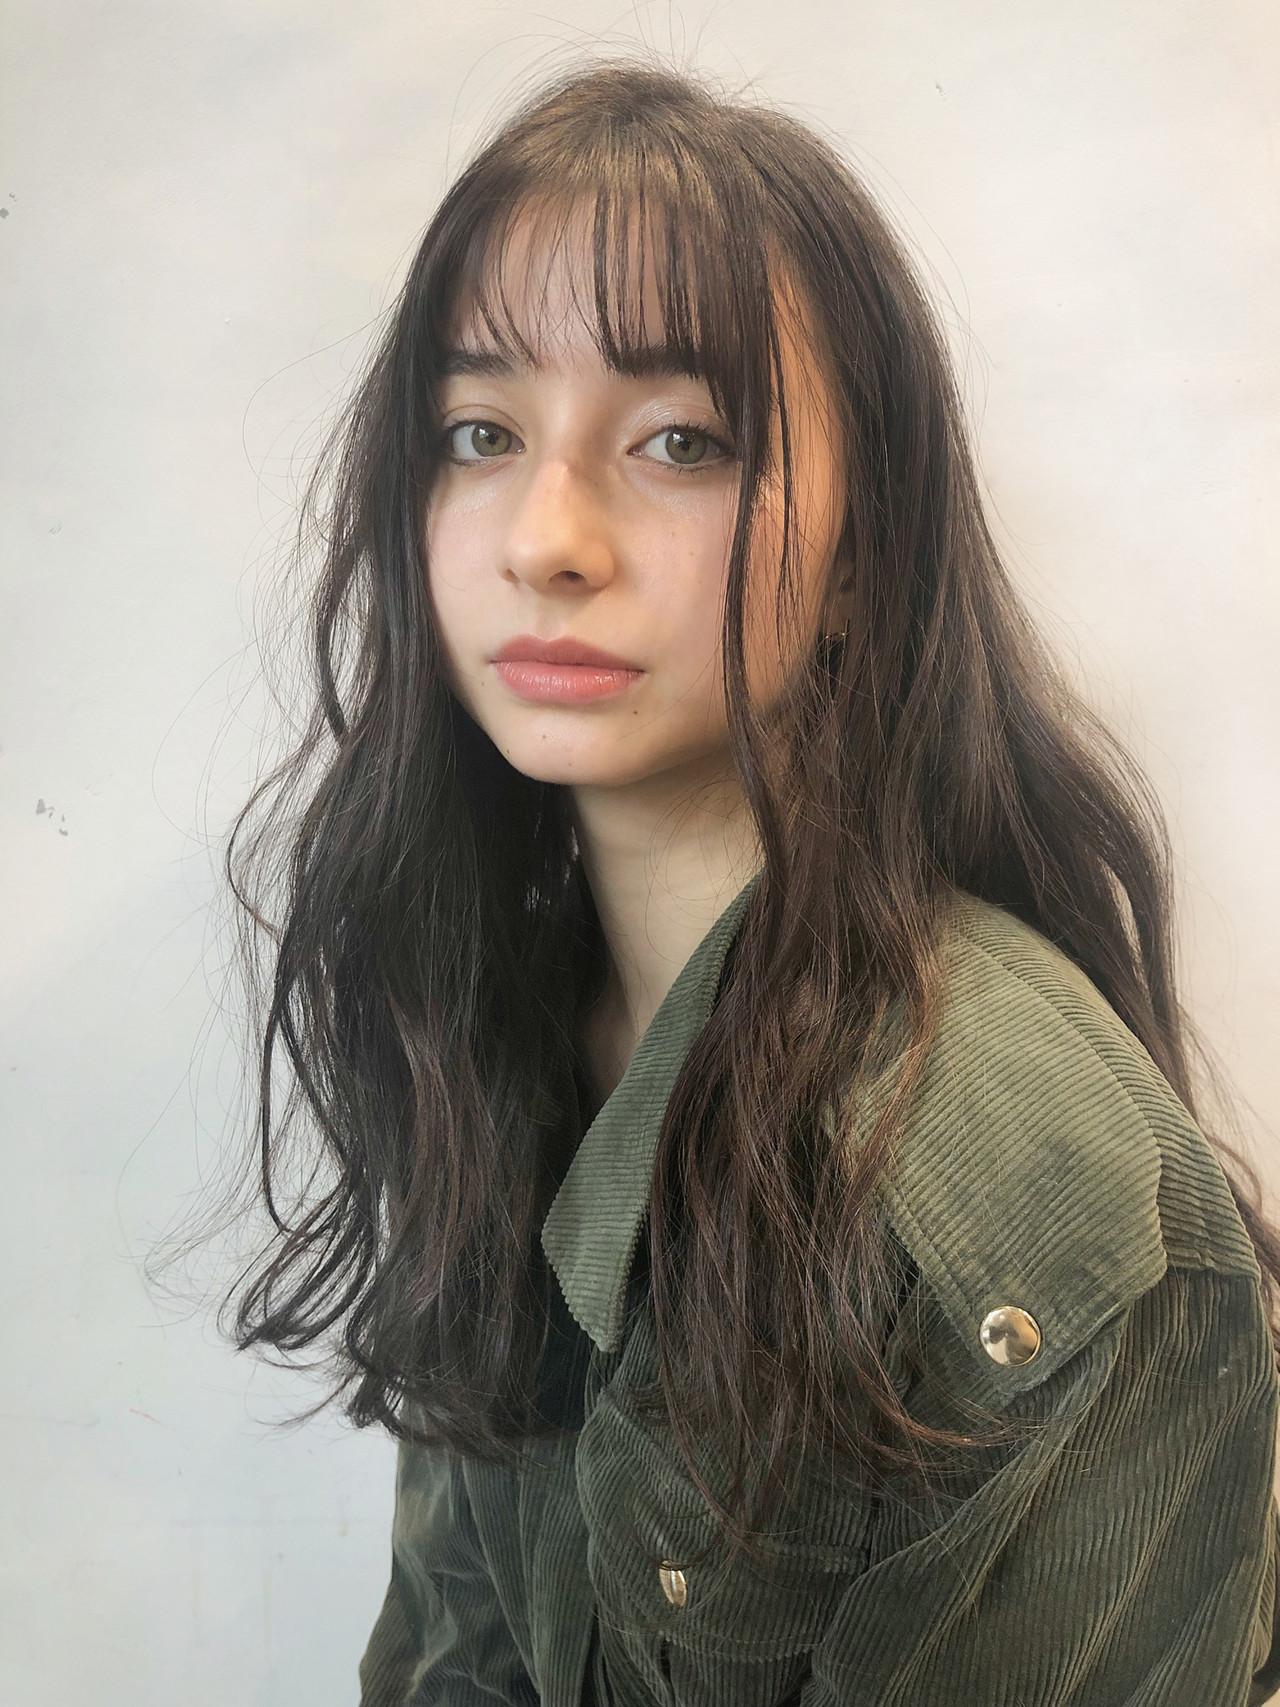 ナチュラル ロング 透明感 ヘアスタイルや髪型の写真・画像